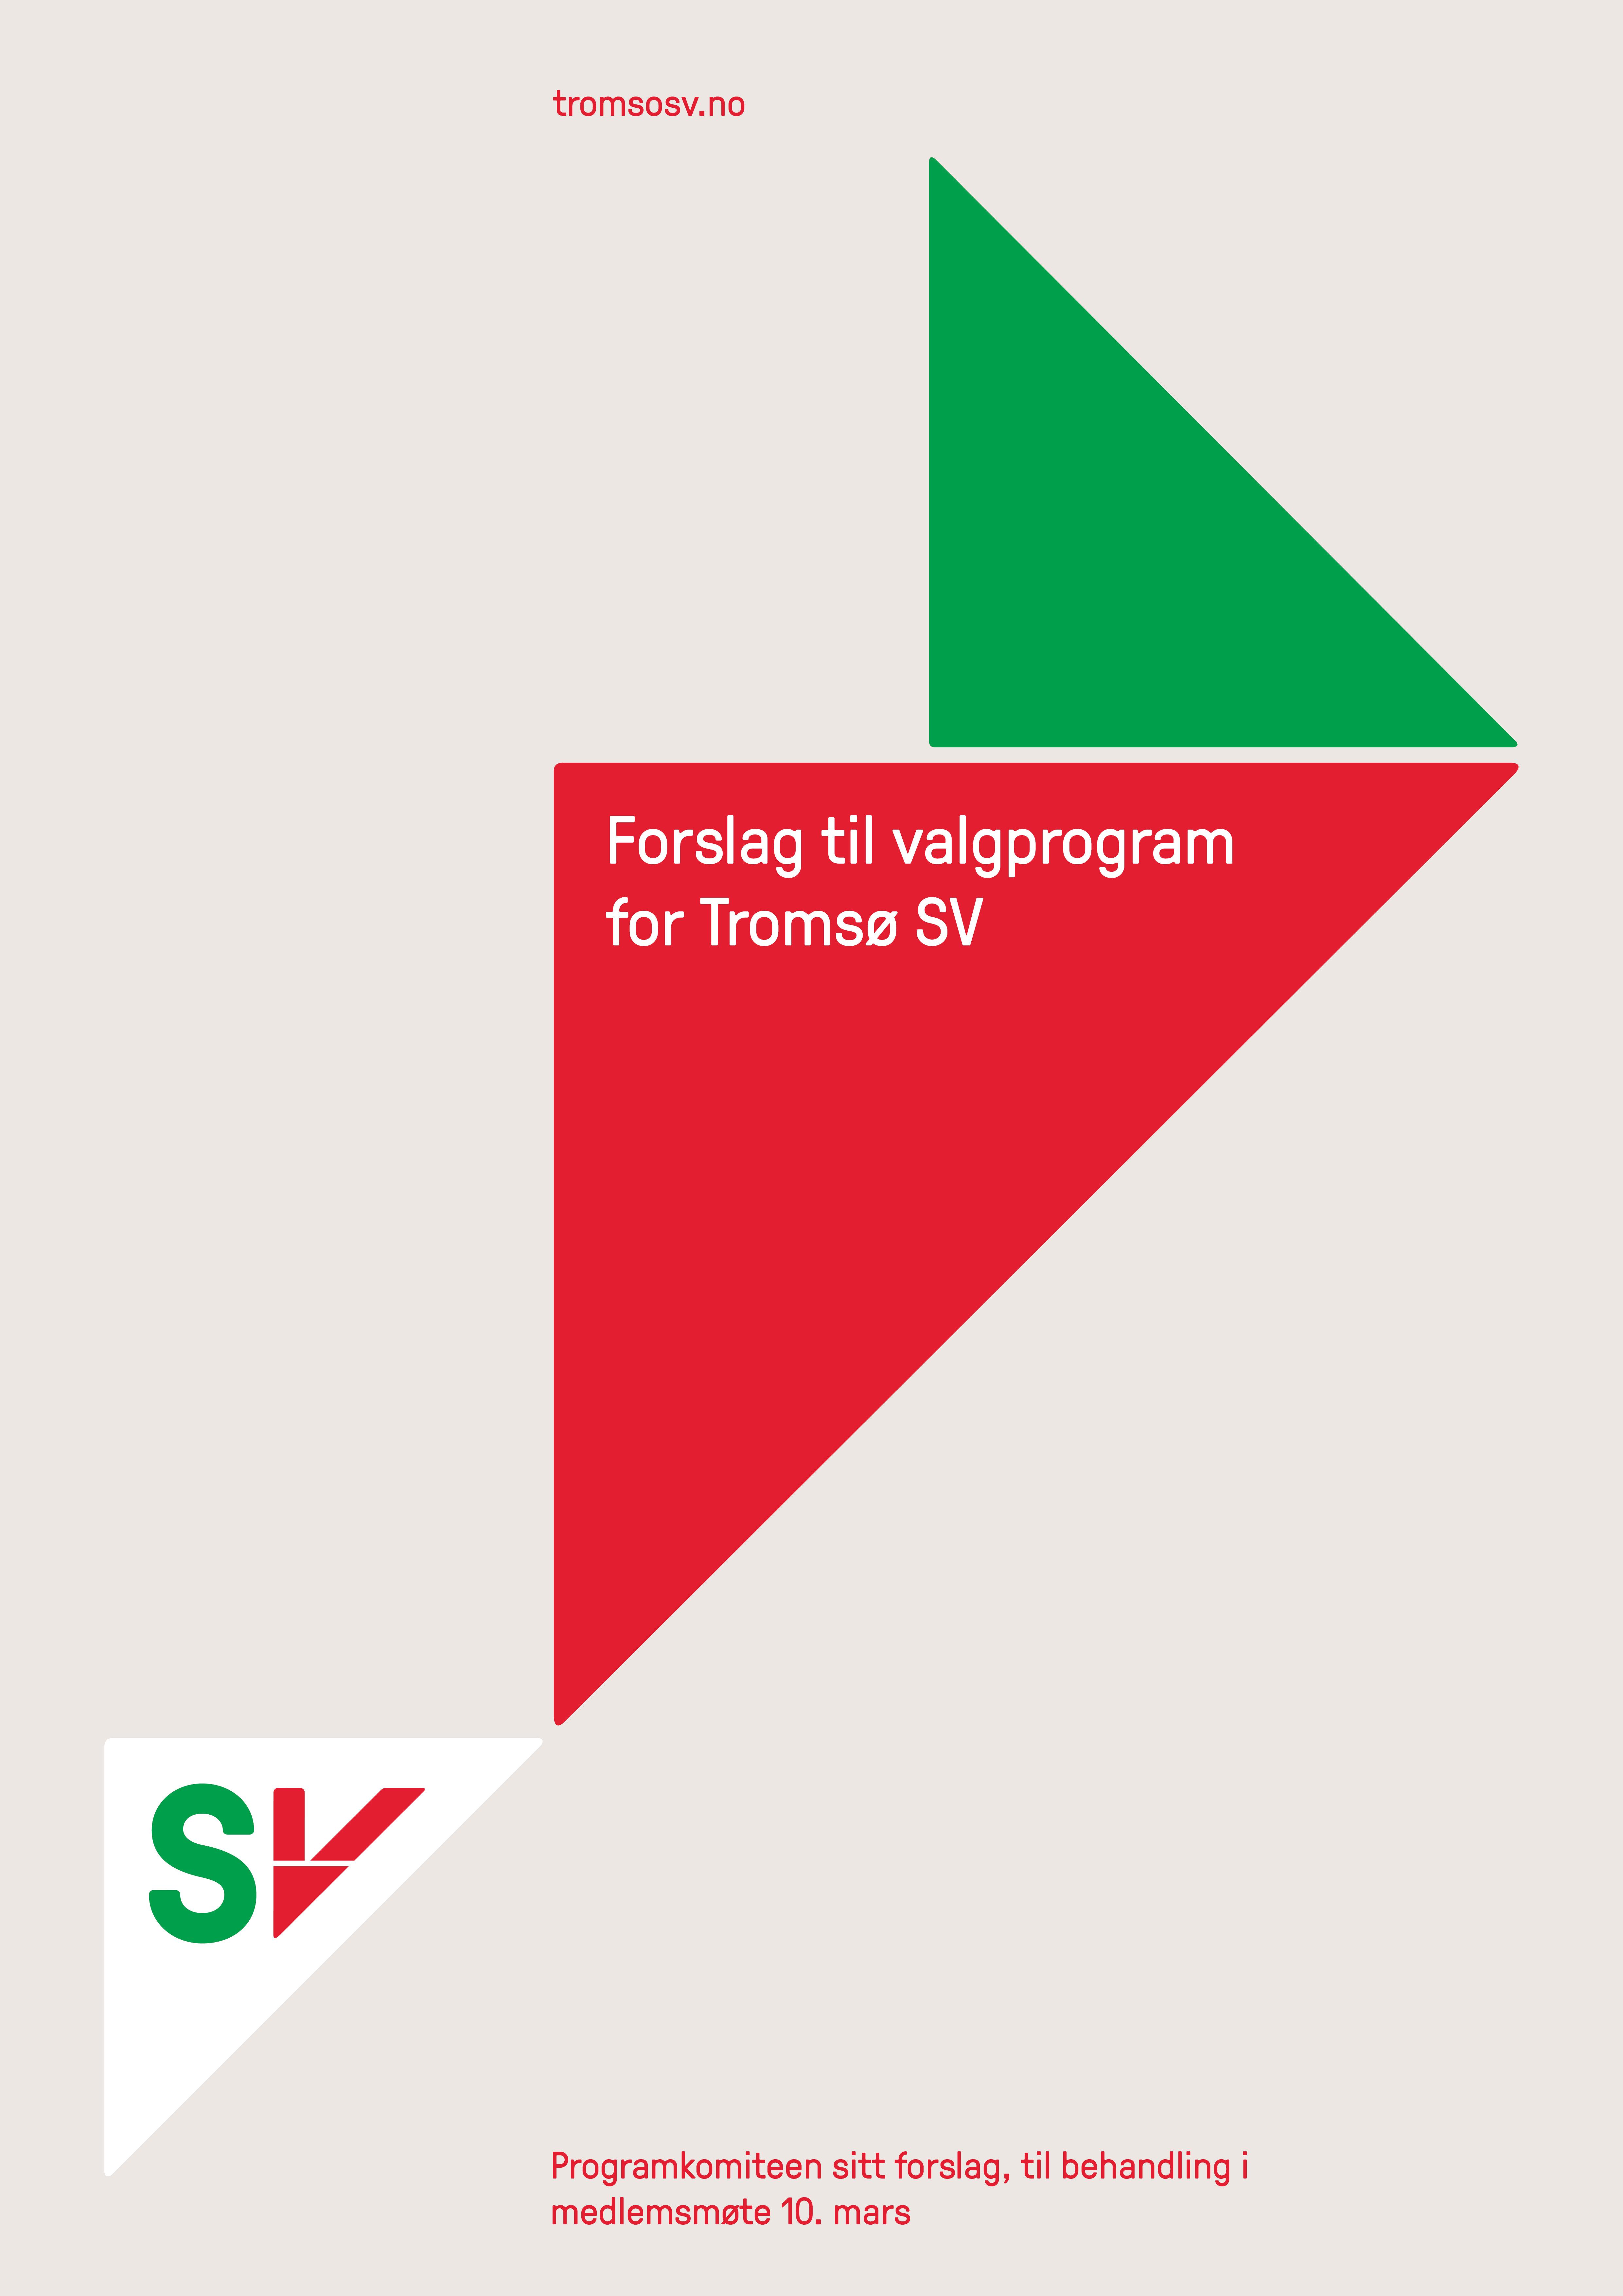 Forslag til program for Tromsø SV